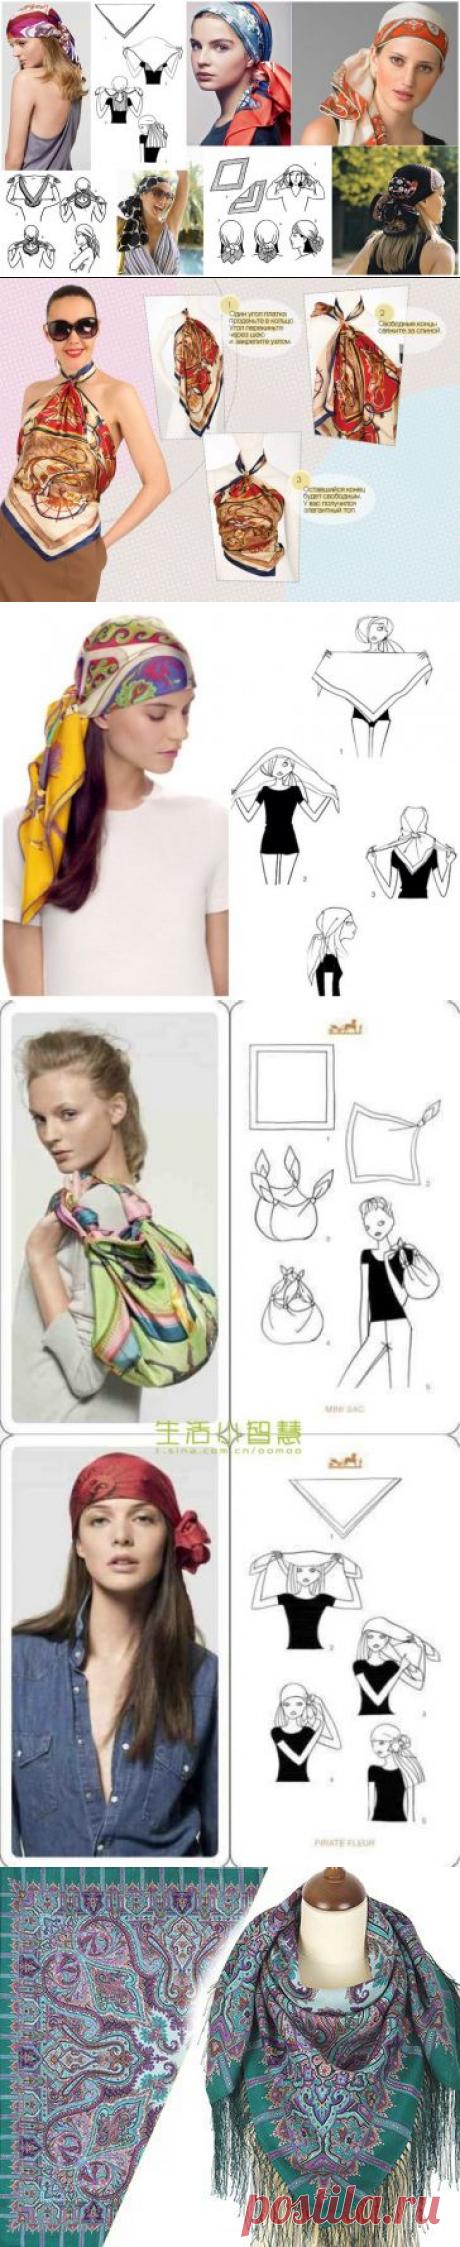 Многоликий шелковый платок: идеи использования — Сделай сам, идеи для творчества - DIY Ideas